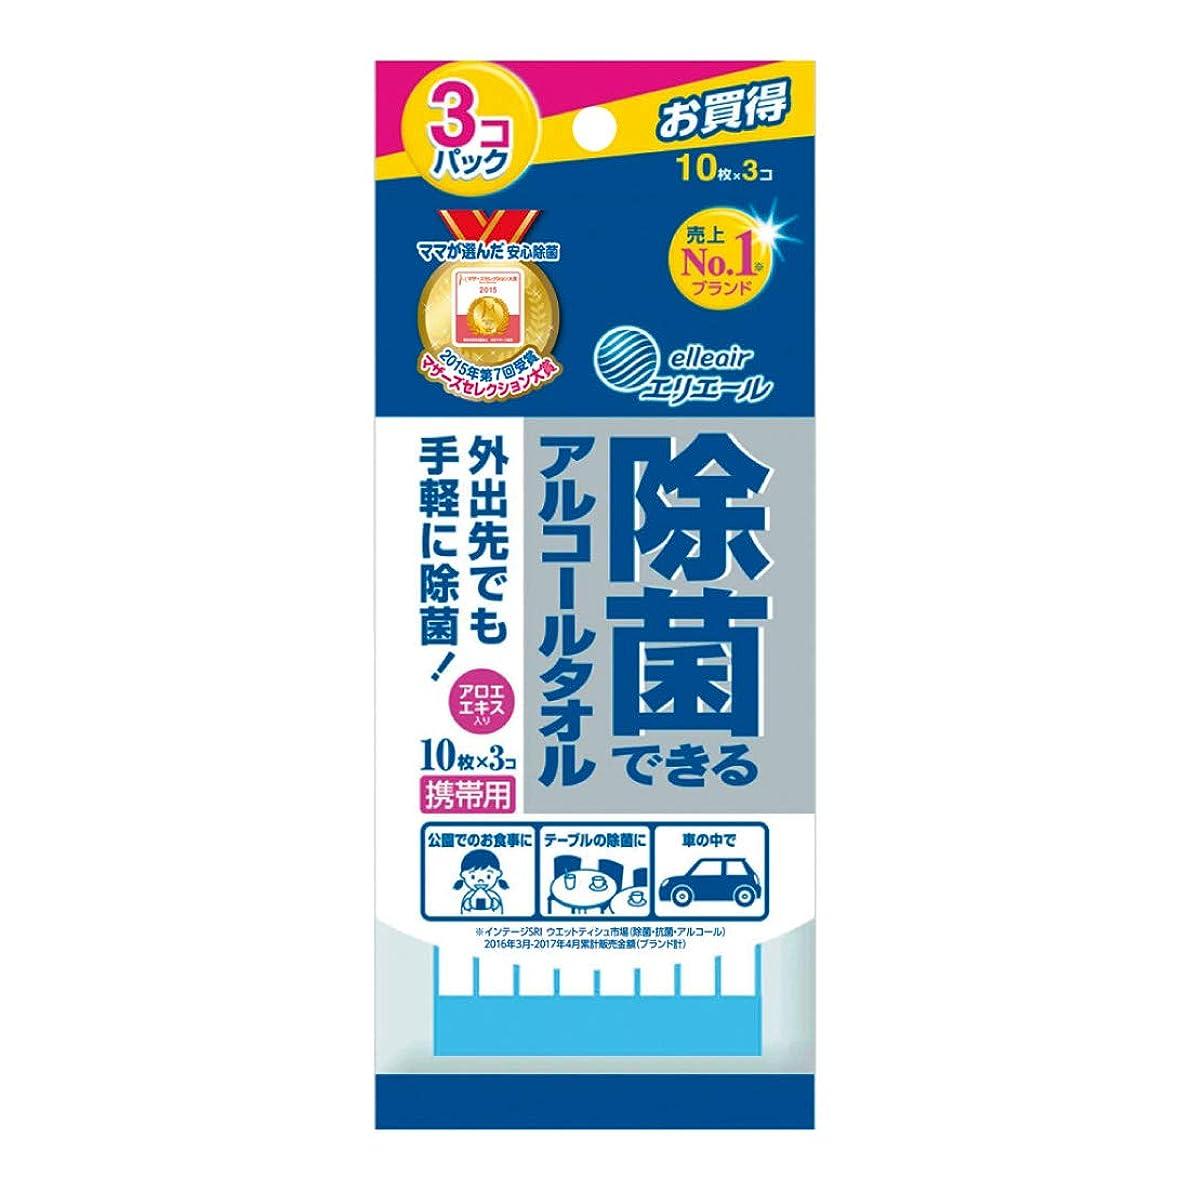 支援する静けさブレイズエリエール ウェットティッシュ 除菌 アルコールタイプ 携帯用 30枚(10枚×3パック) 除菌できるアルコールタオル